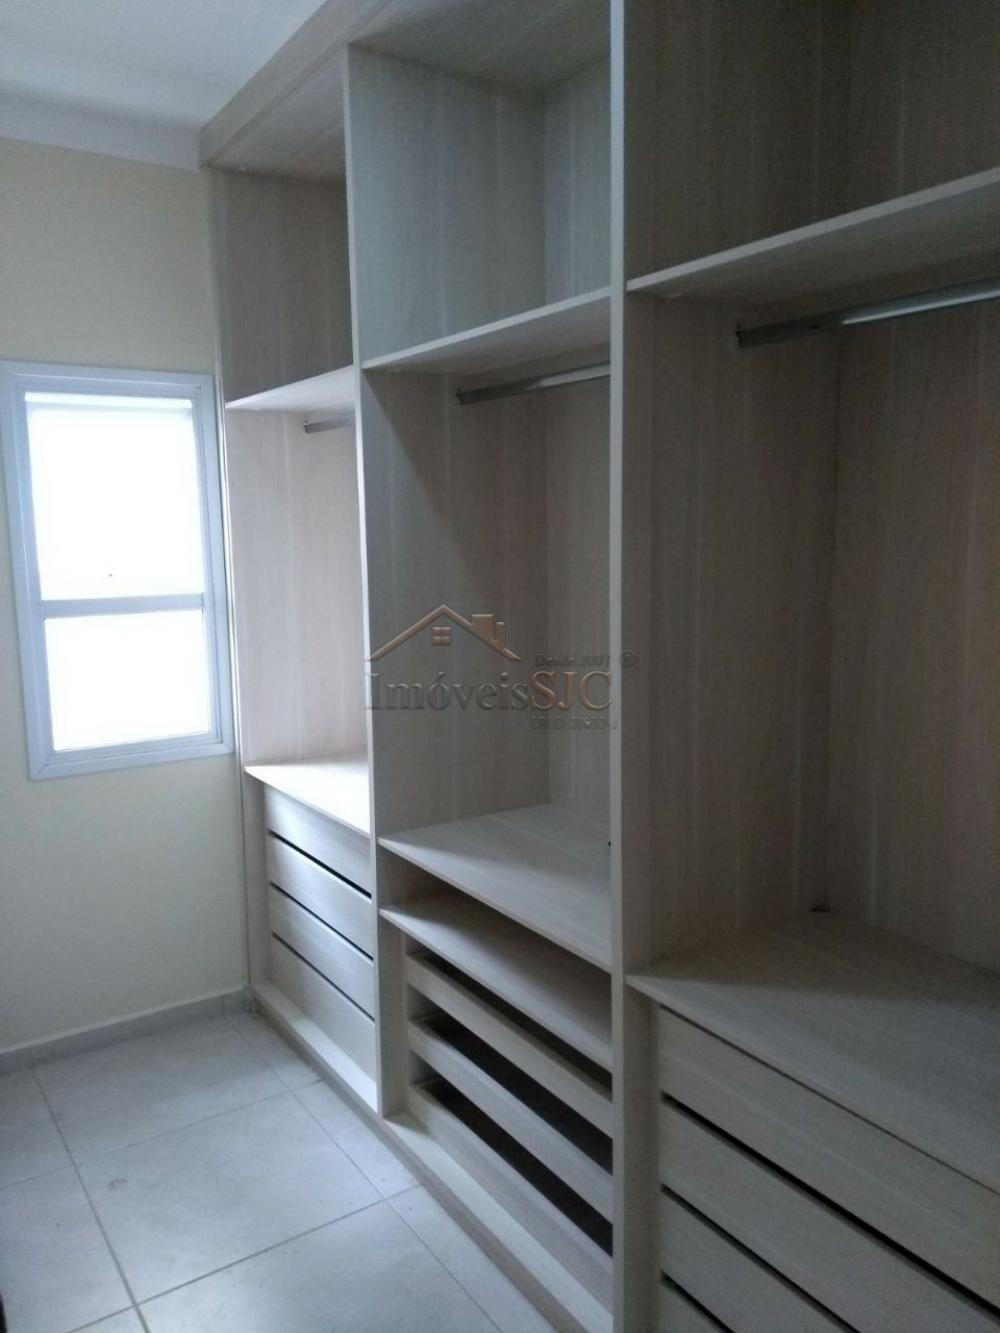 Alugar Casas / Padrão em Jacareí apenas R$ 2.300,00 - Foto 13